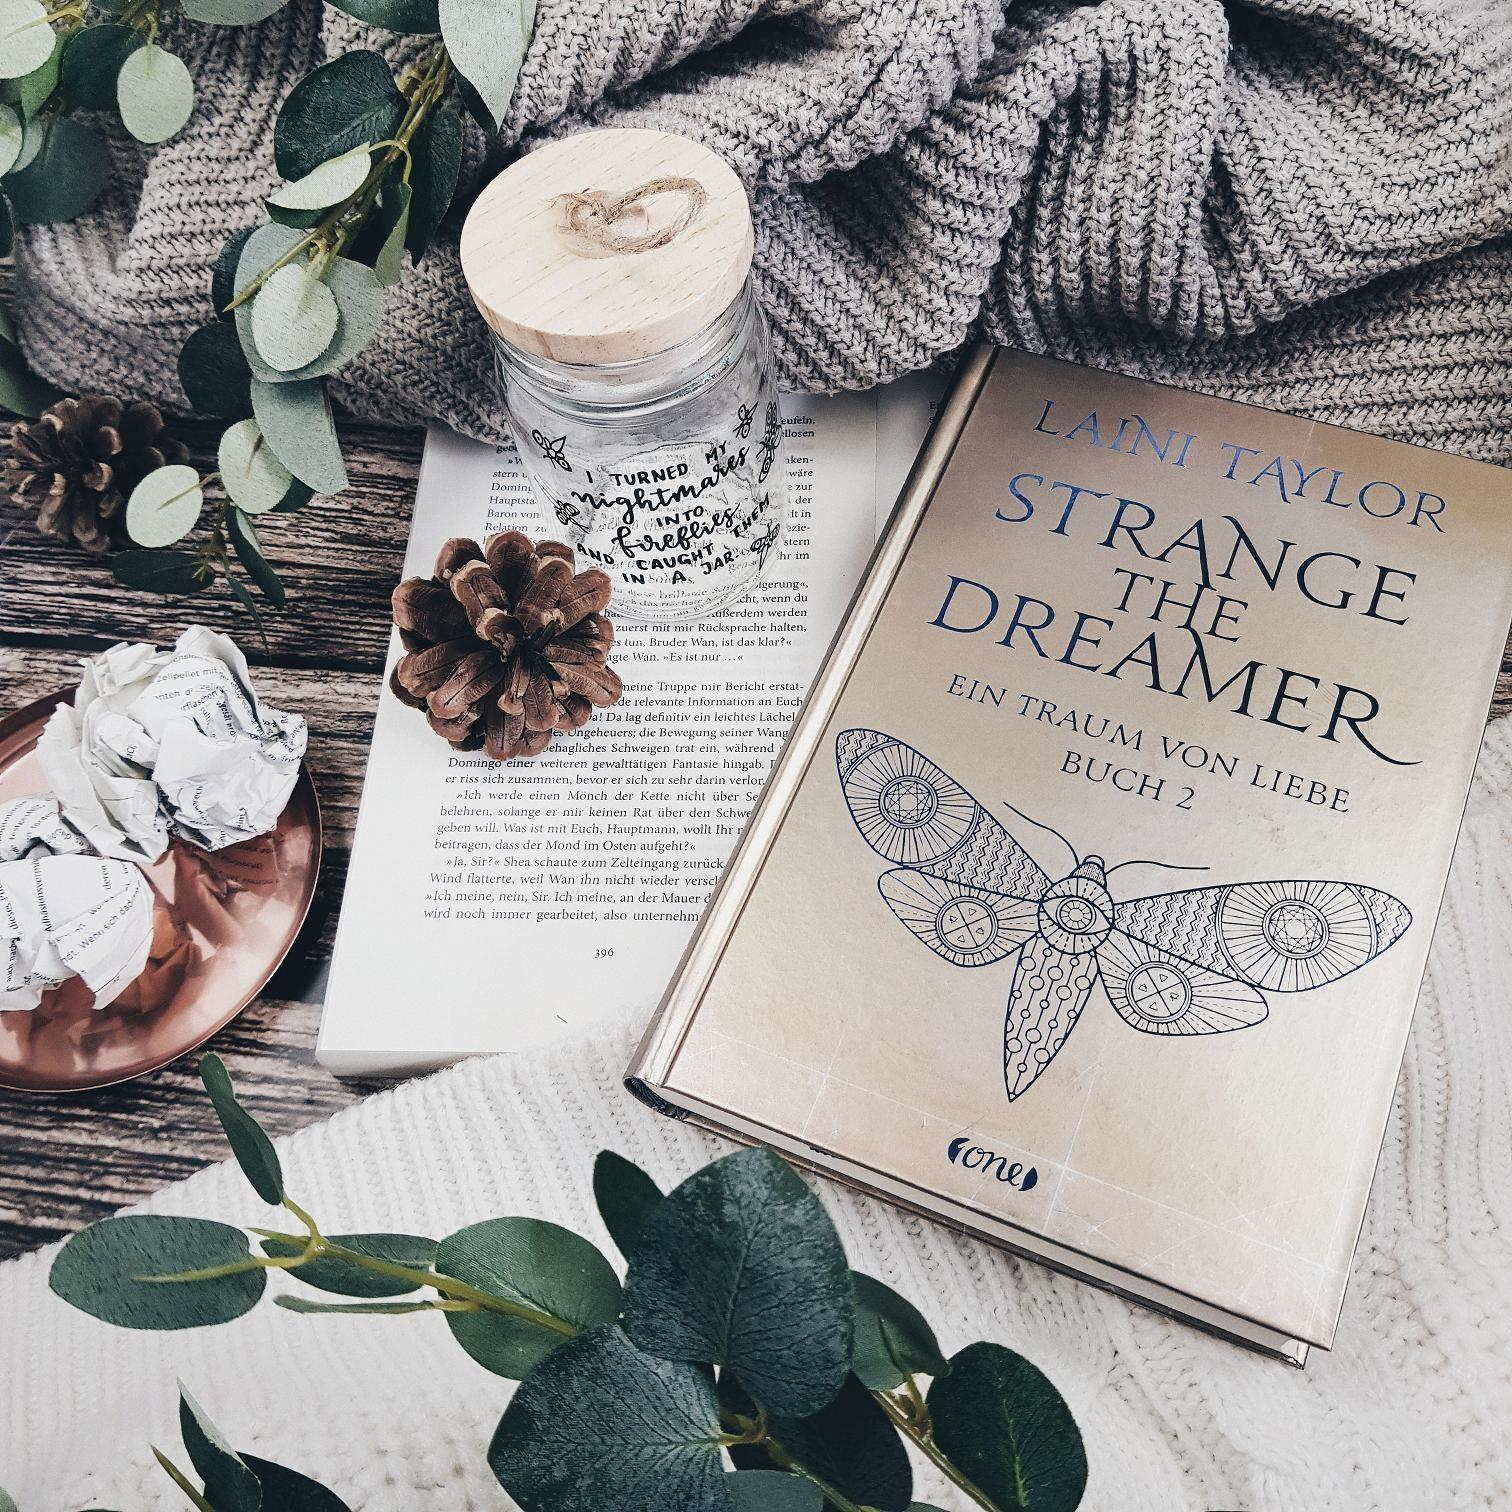 Bücherblog. Rezension. Buchcover. Strange the Dreamer - Ein Traum von Liebe (Band 2) von Laini Taylor. Fantasy. Jugendbuch.